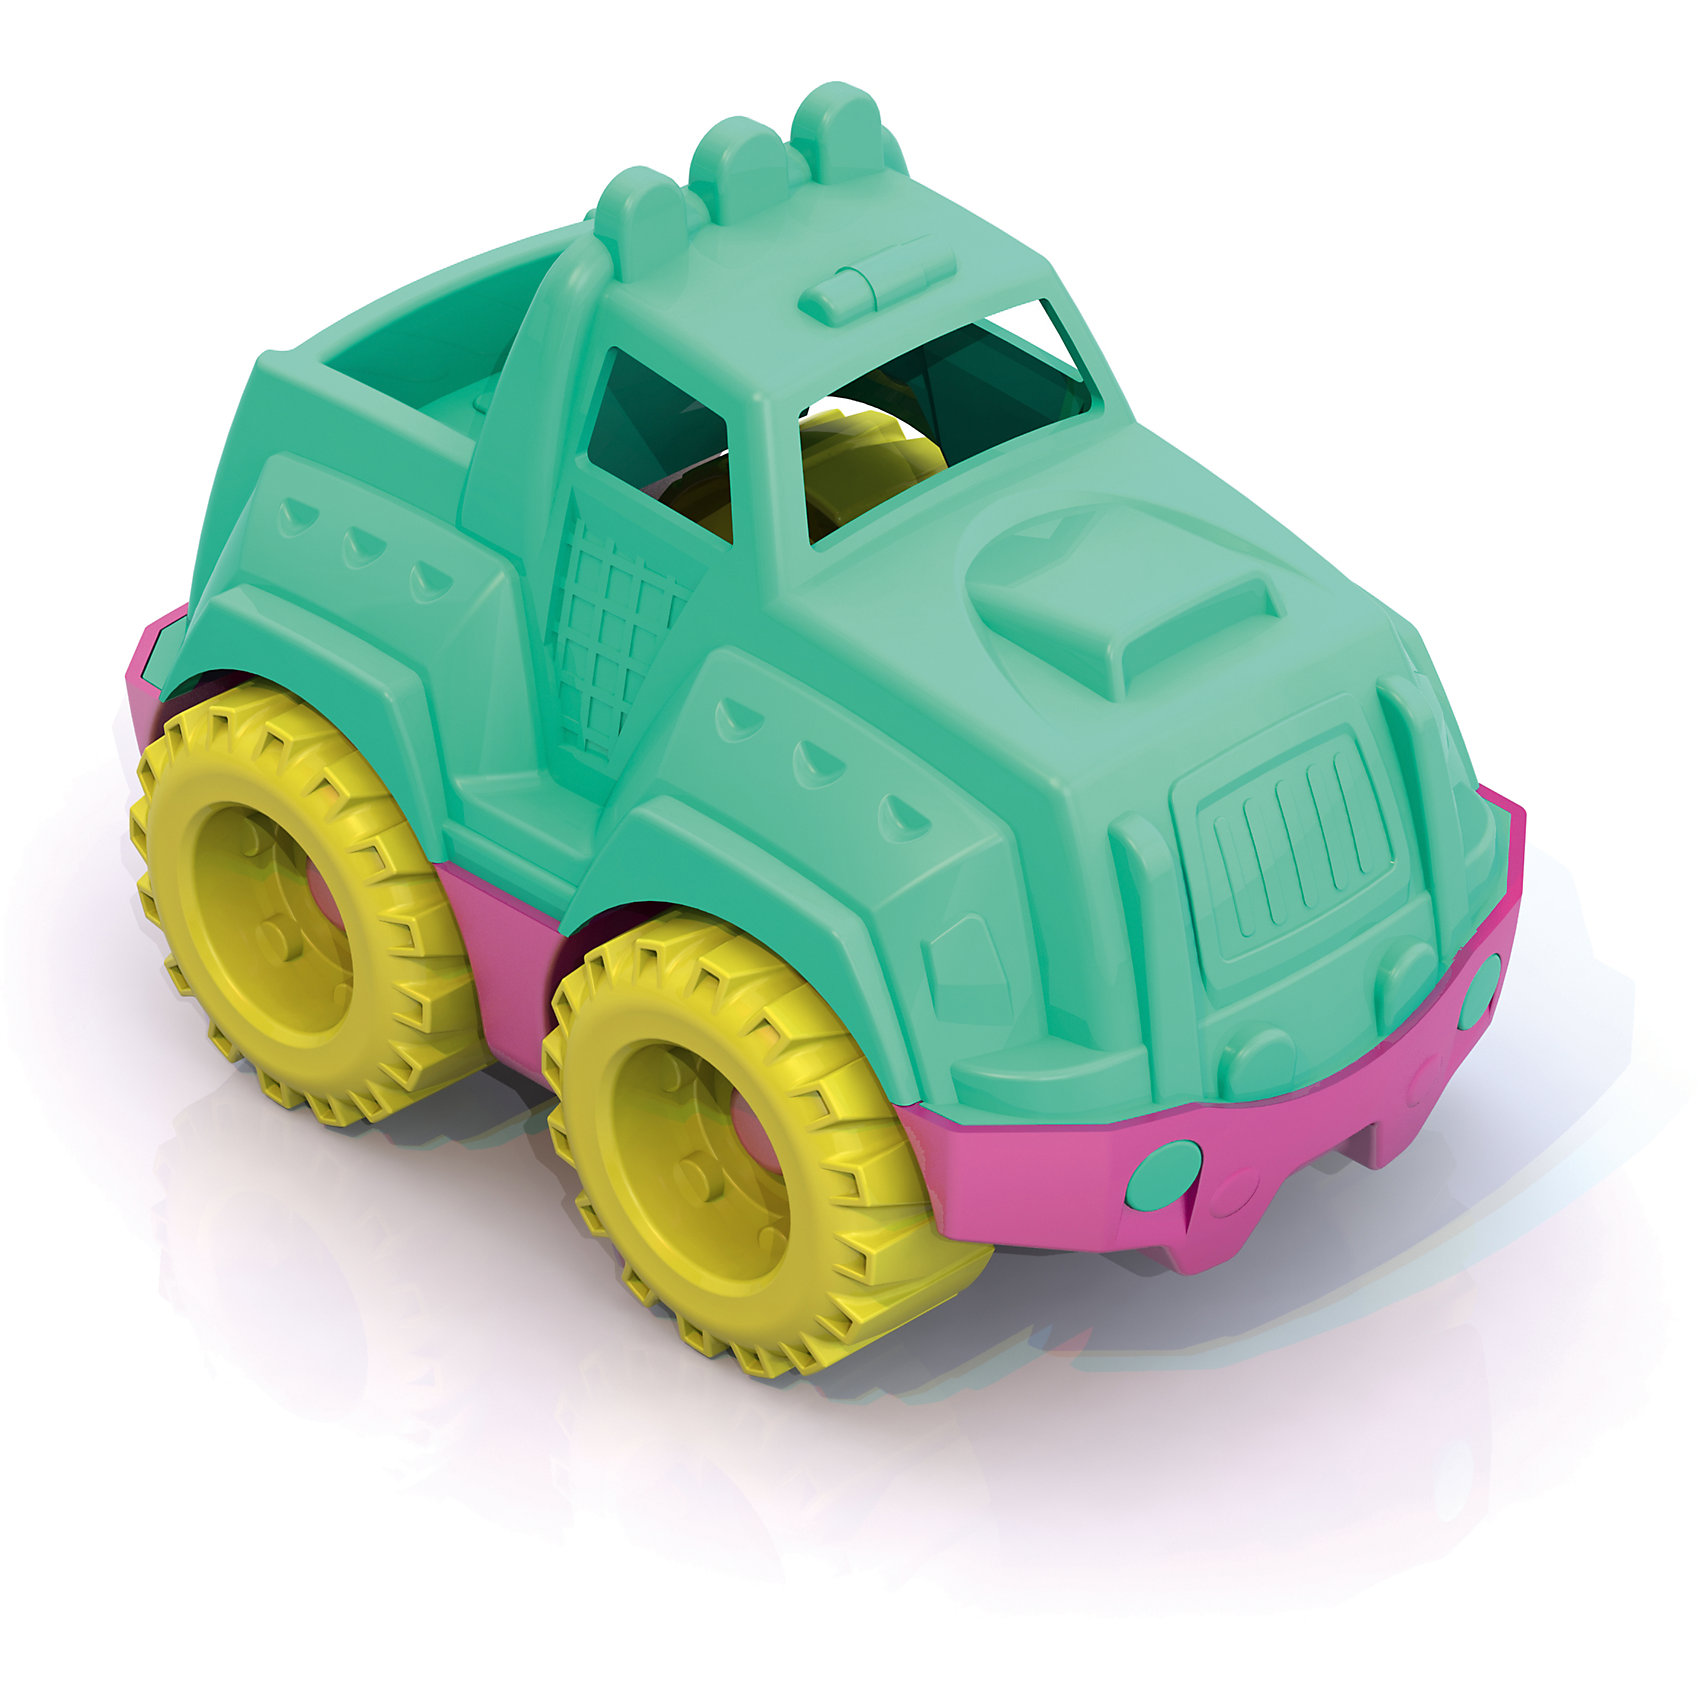 Джип, ШкодаВнедорожник из серии Моя любимая машинка - уникальная игрушка из пластмассы нового поколения, в производстве использованы очень яркие цвета и новые дизайнерские решения.<br><br>Дополнительная информация:<br><br>- размеры: (13,8*8,4*9,3)<br><br>Джип, Шкода можно купить в нашем магазине.<br><br>Ширина мм: 138<br>Глубина мм: 84<br>Высота мм: 93<br>Вес г: 70<br>Возраст от месяцев: 36<br>Возраст до месяцев: 72<br>Пол: Унисекс<br>Возраст: Детский<br>SKU: 4104895